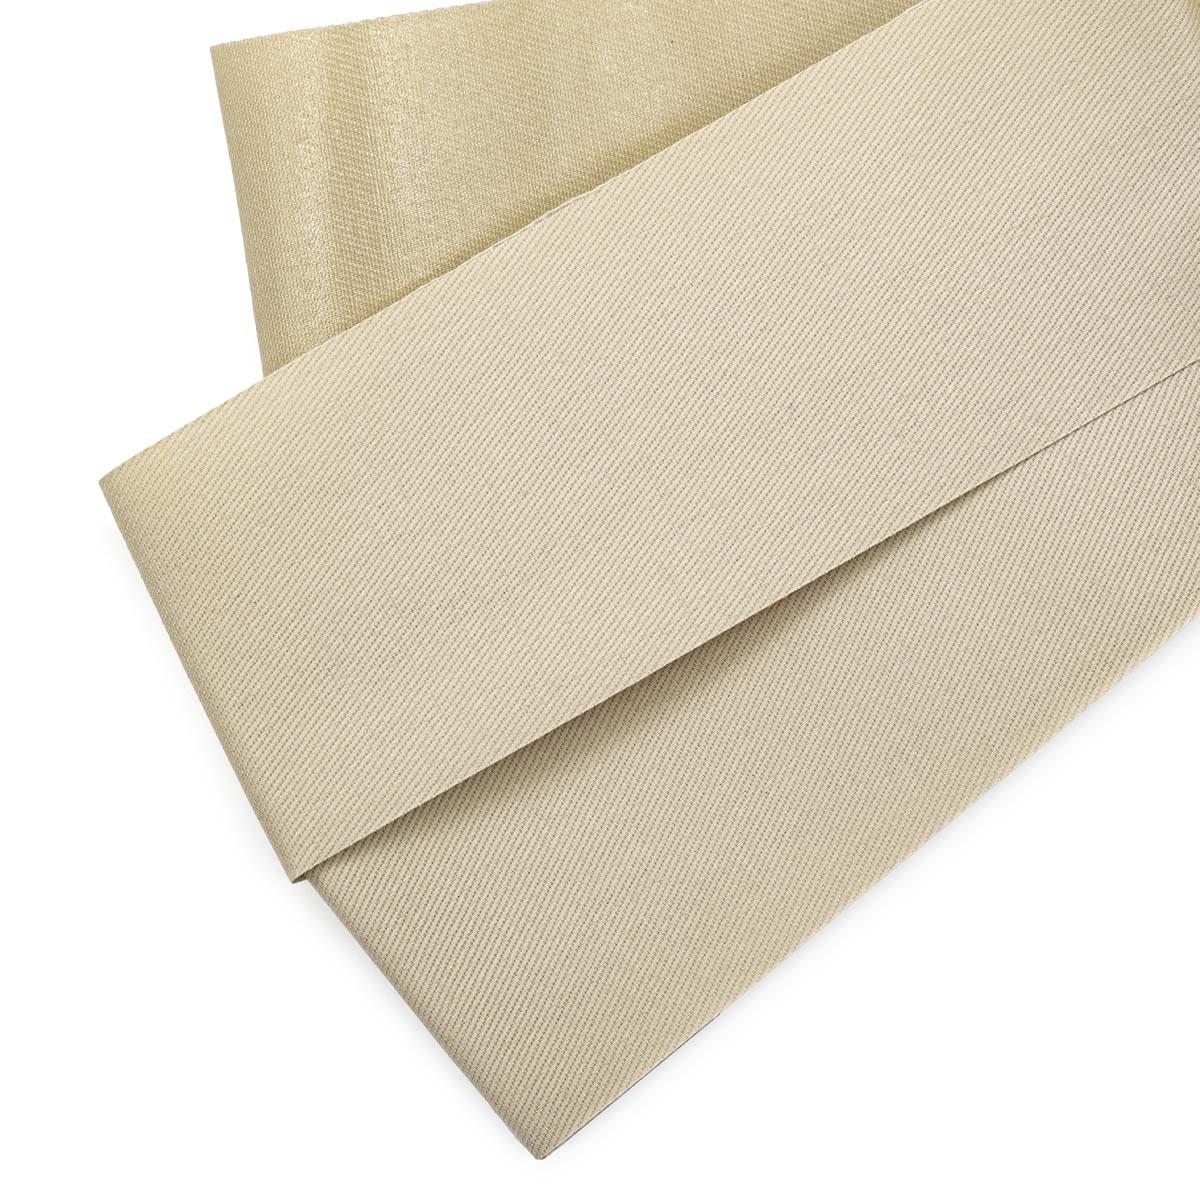 Ткань для ремонта ковровых изделий 810253, Hobby&Pro